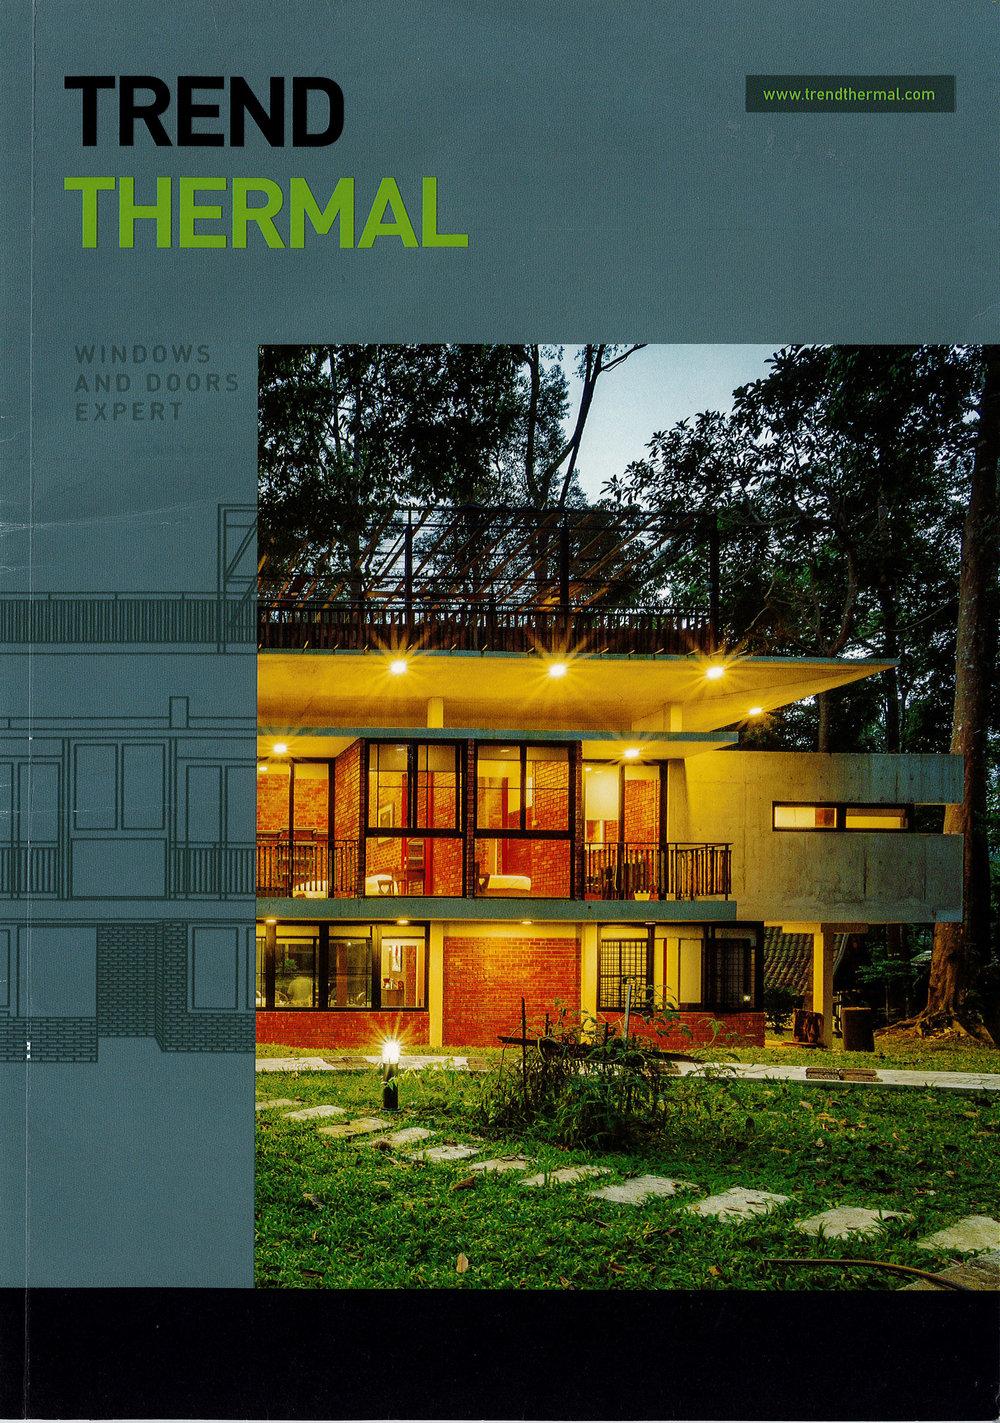 Trend Thermal-1.jpg